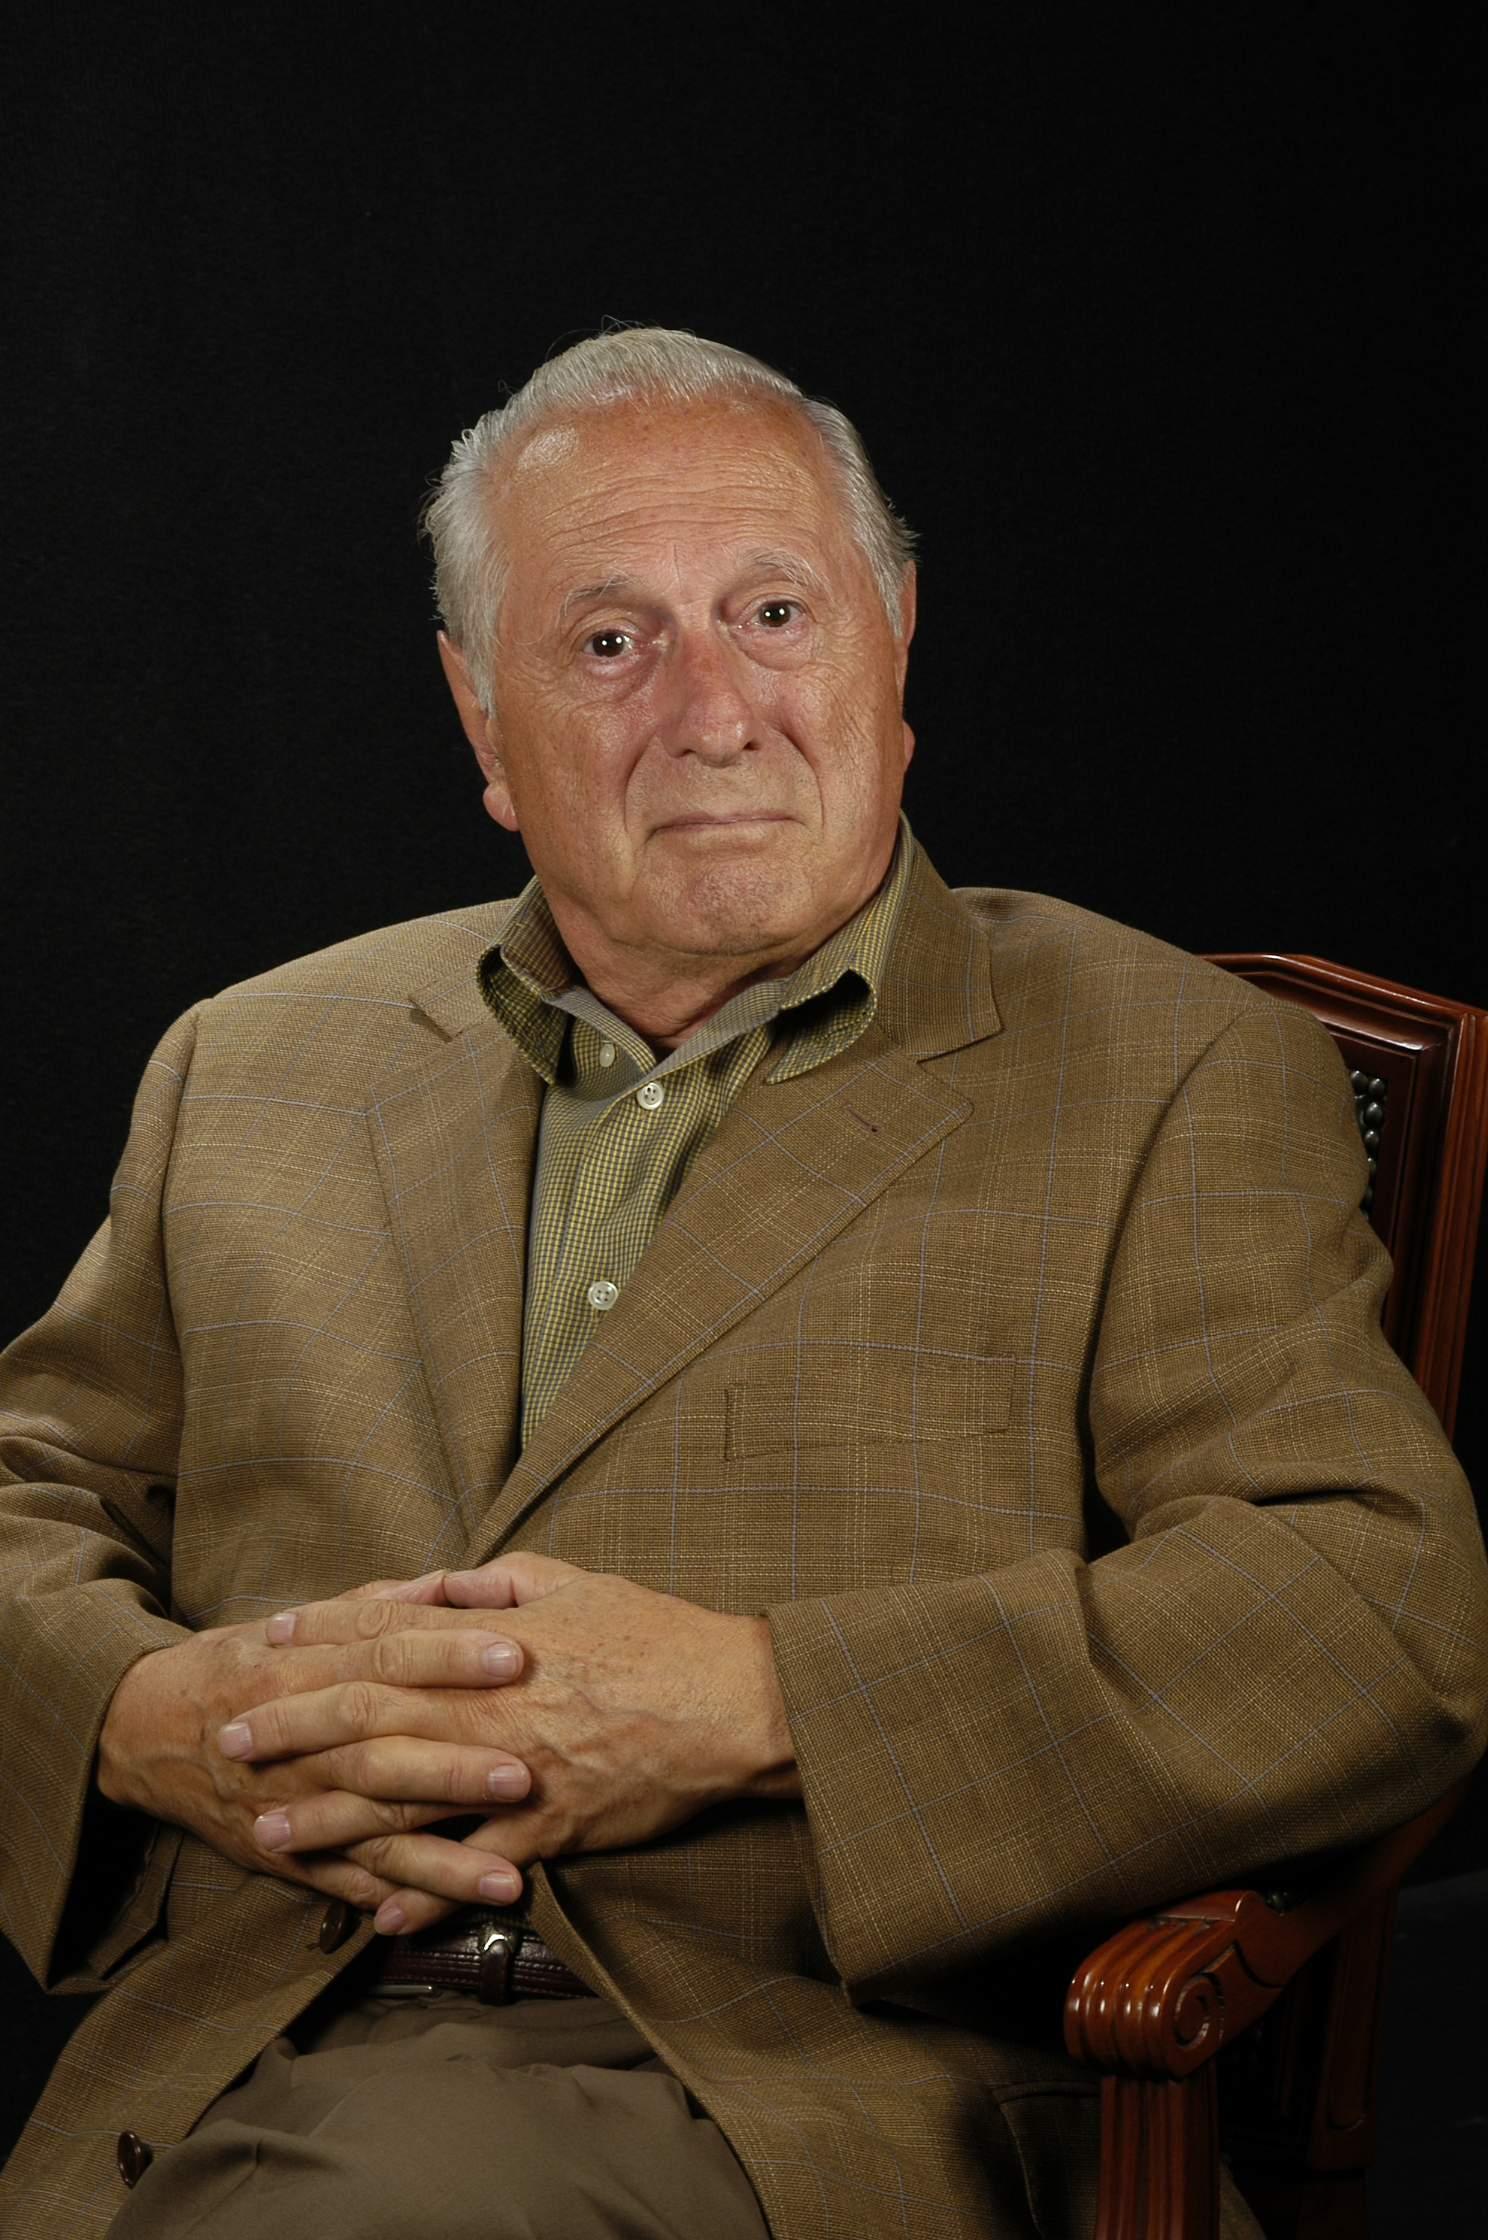 Sr. Jordi Olius Mas